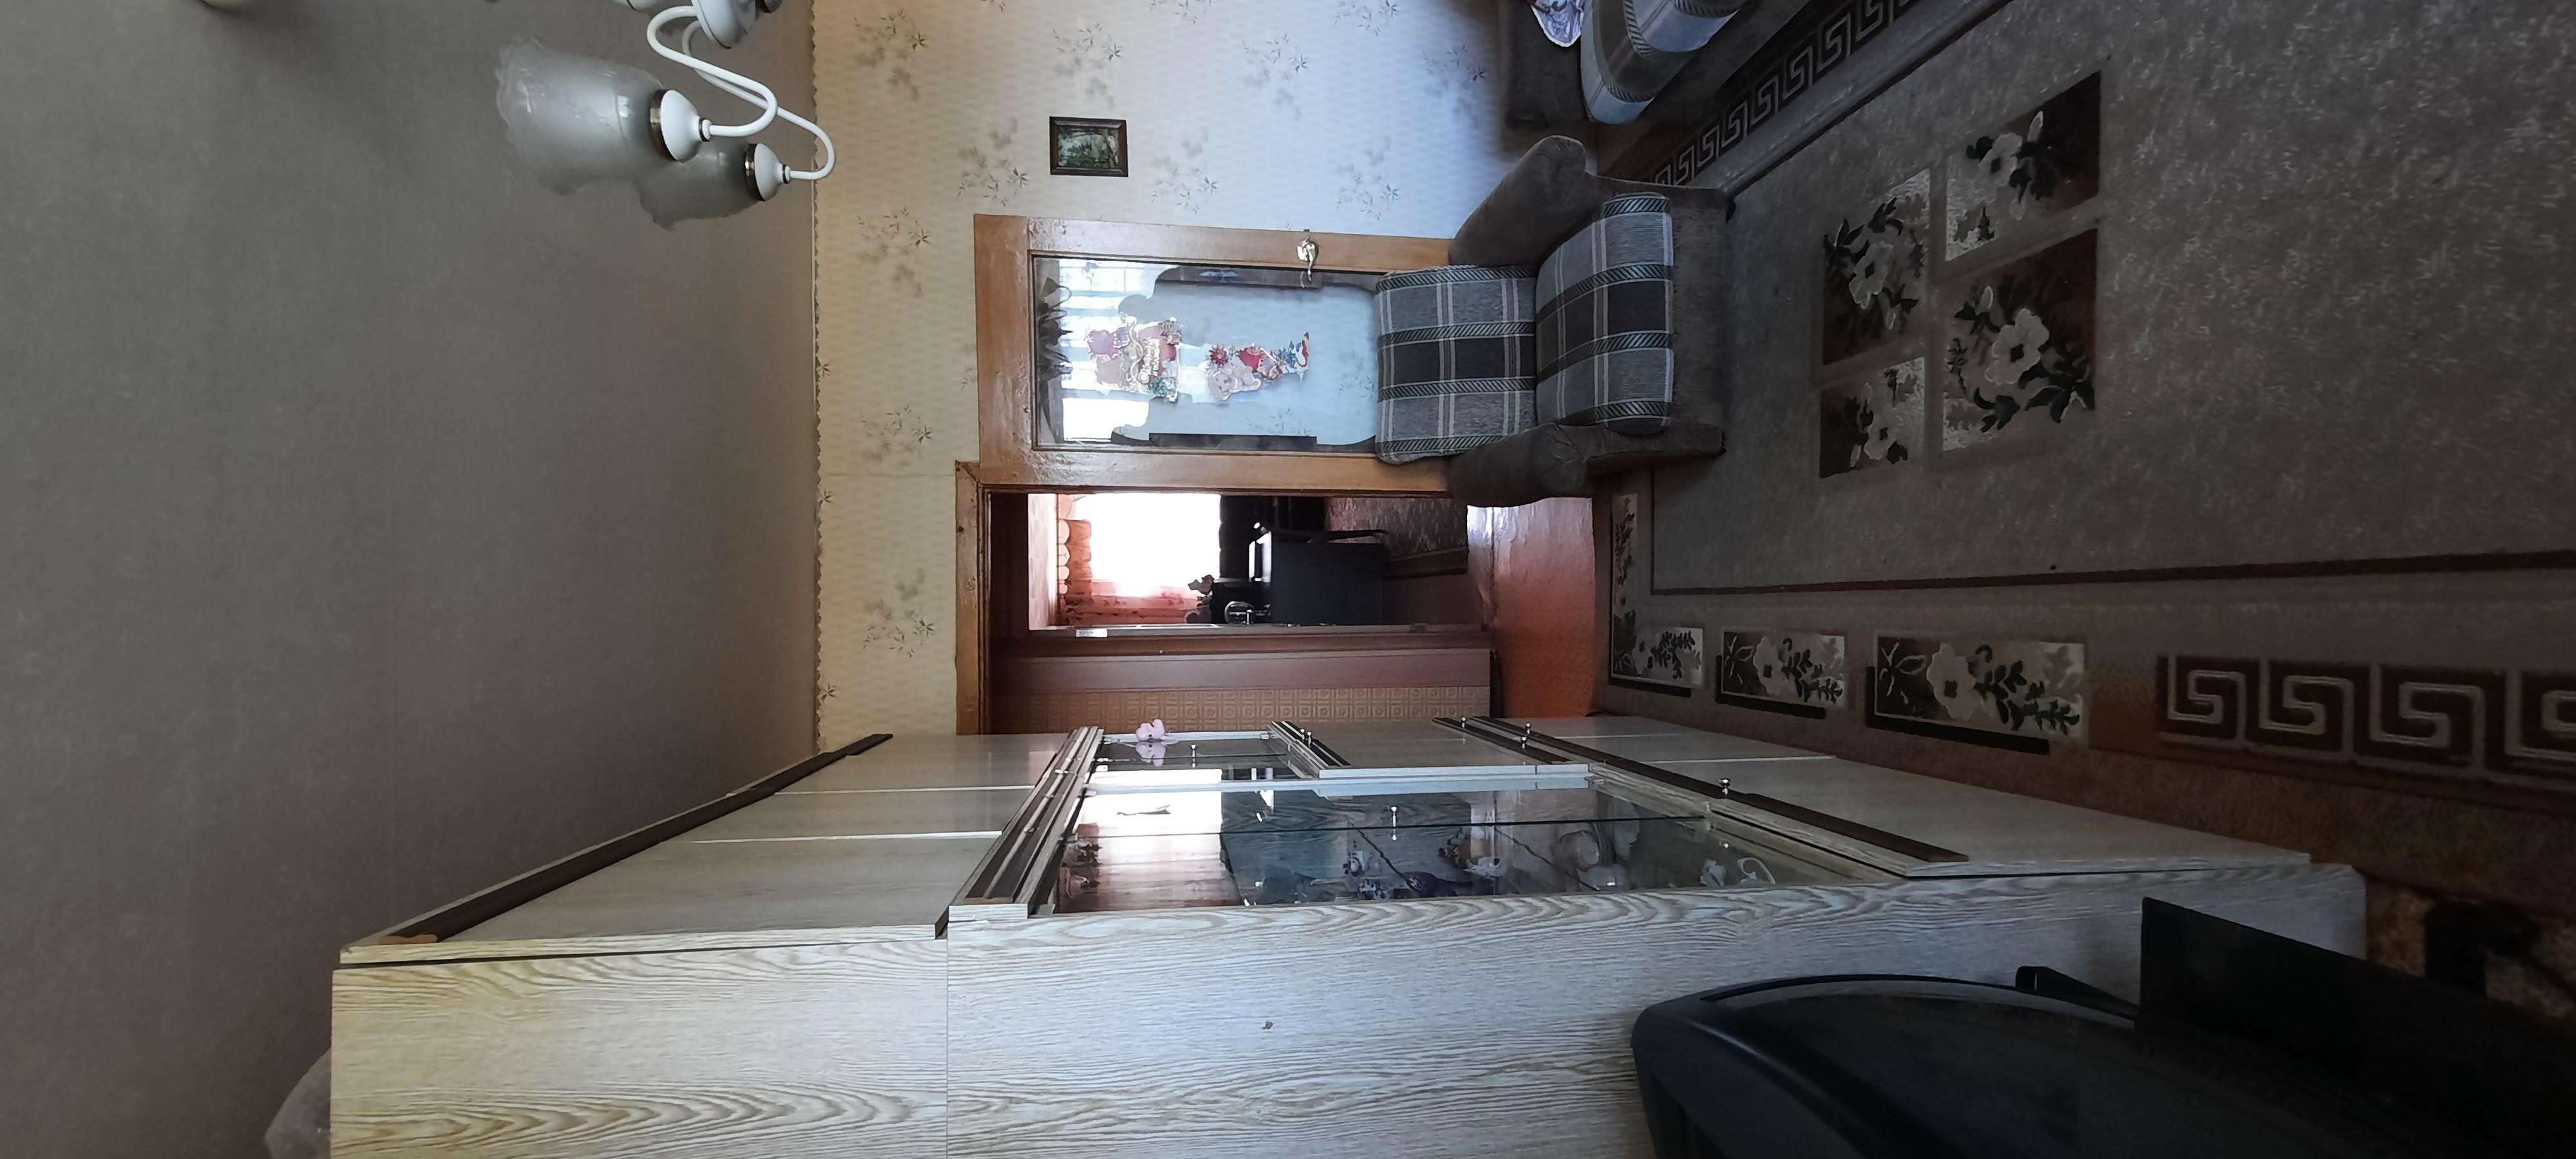 Продается 3-х комнатная квартира по улице Кропоткина